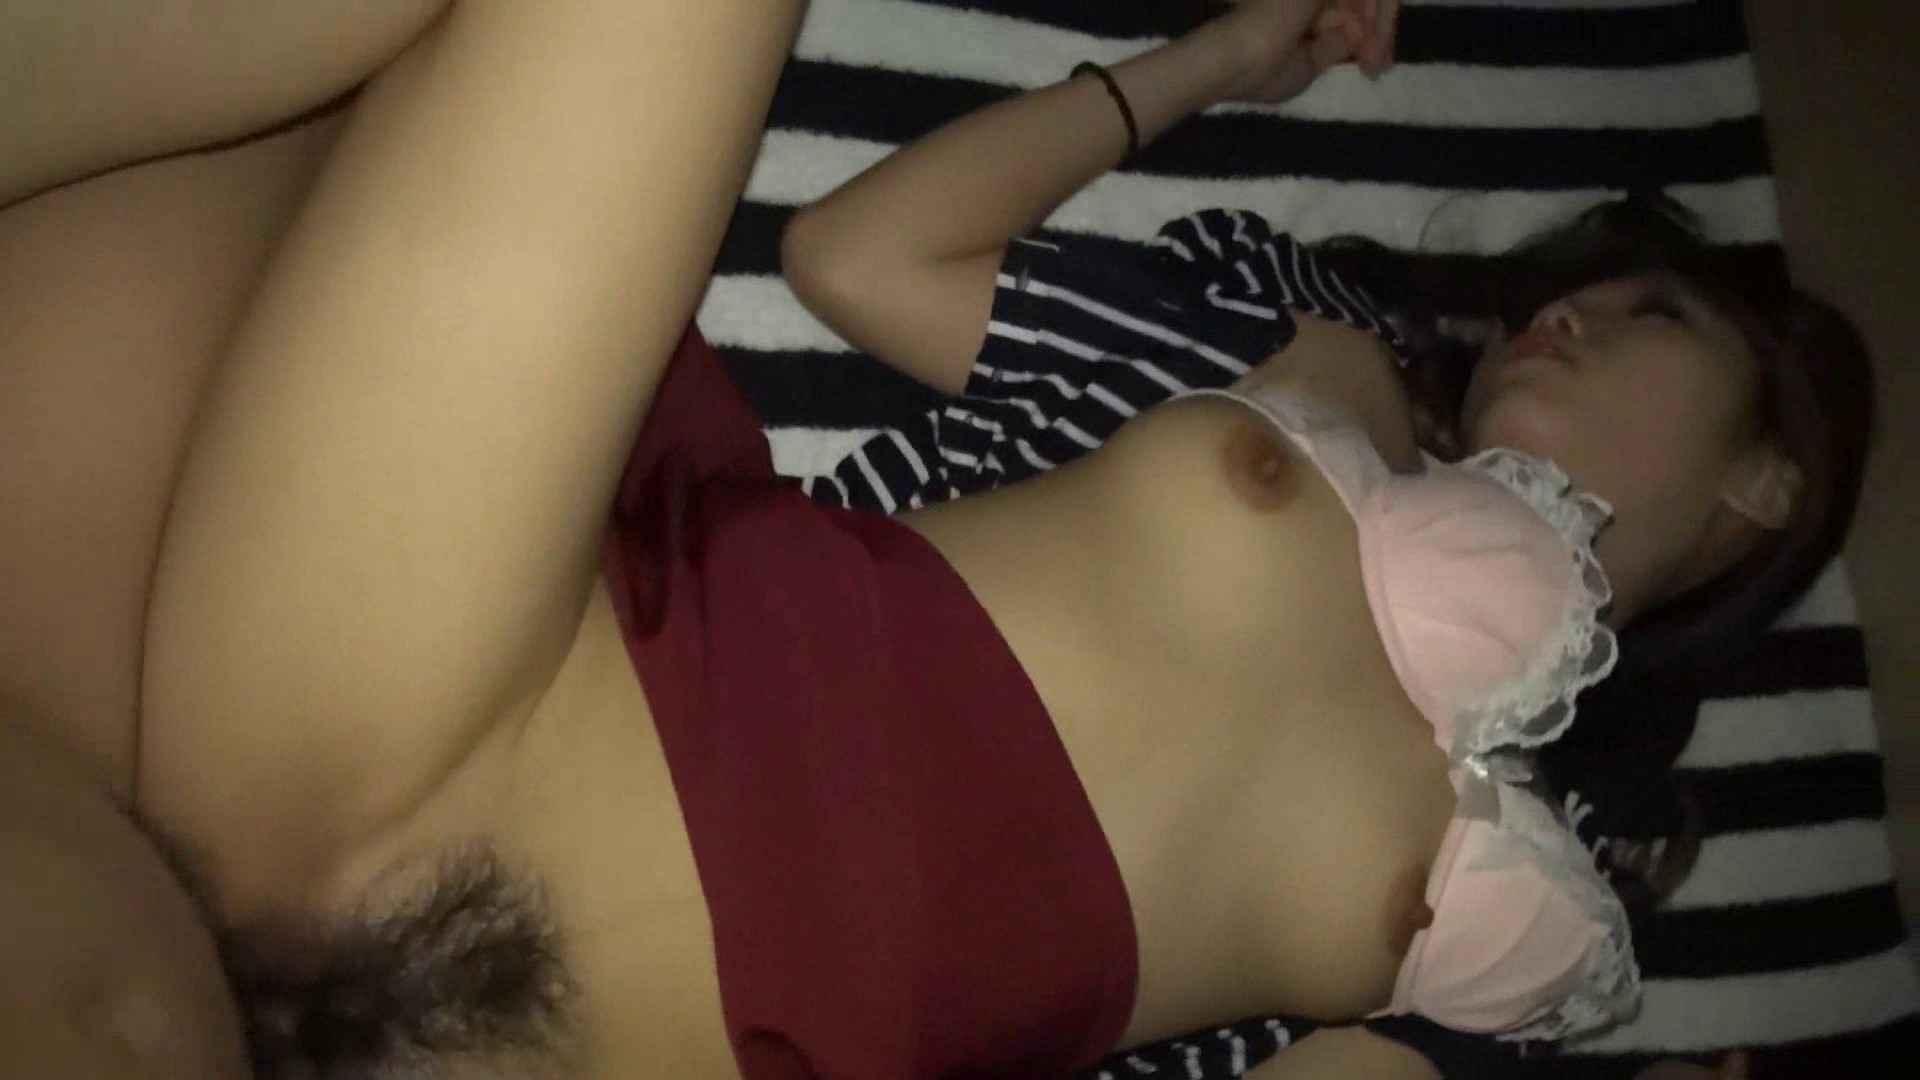 おしえてギャル子のH塾 Vol.09 後編 美女OL すけべAV動画紹介 87連発 50